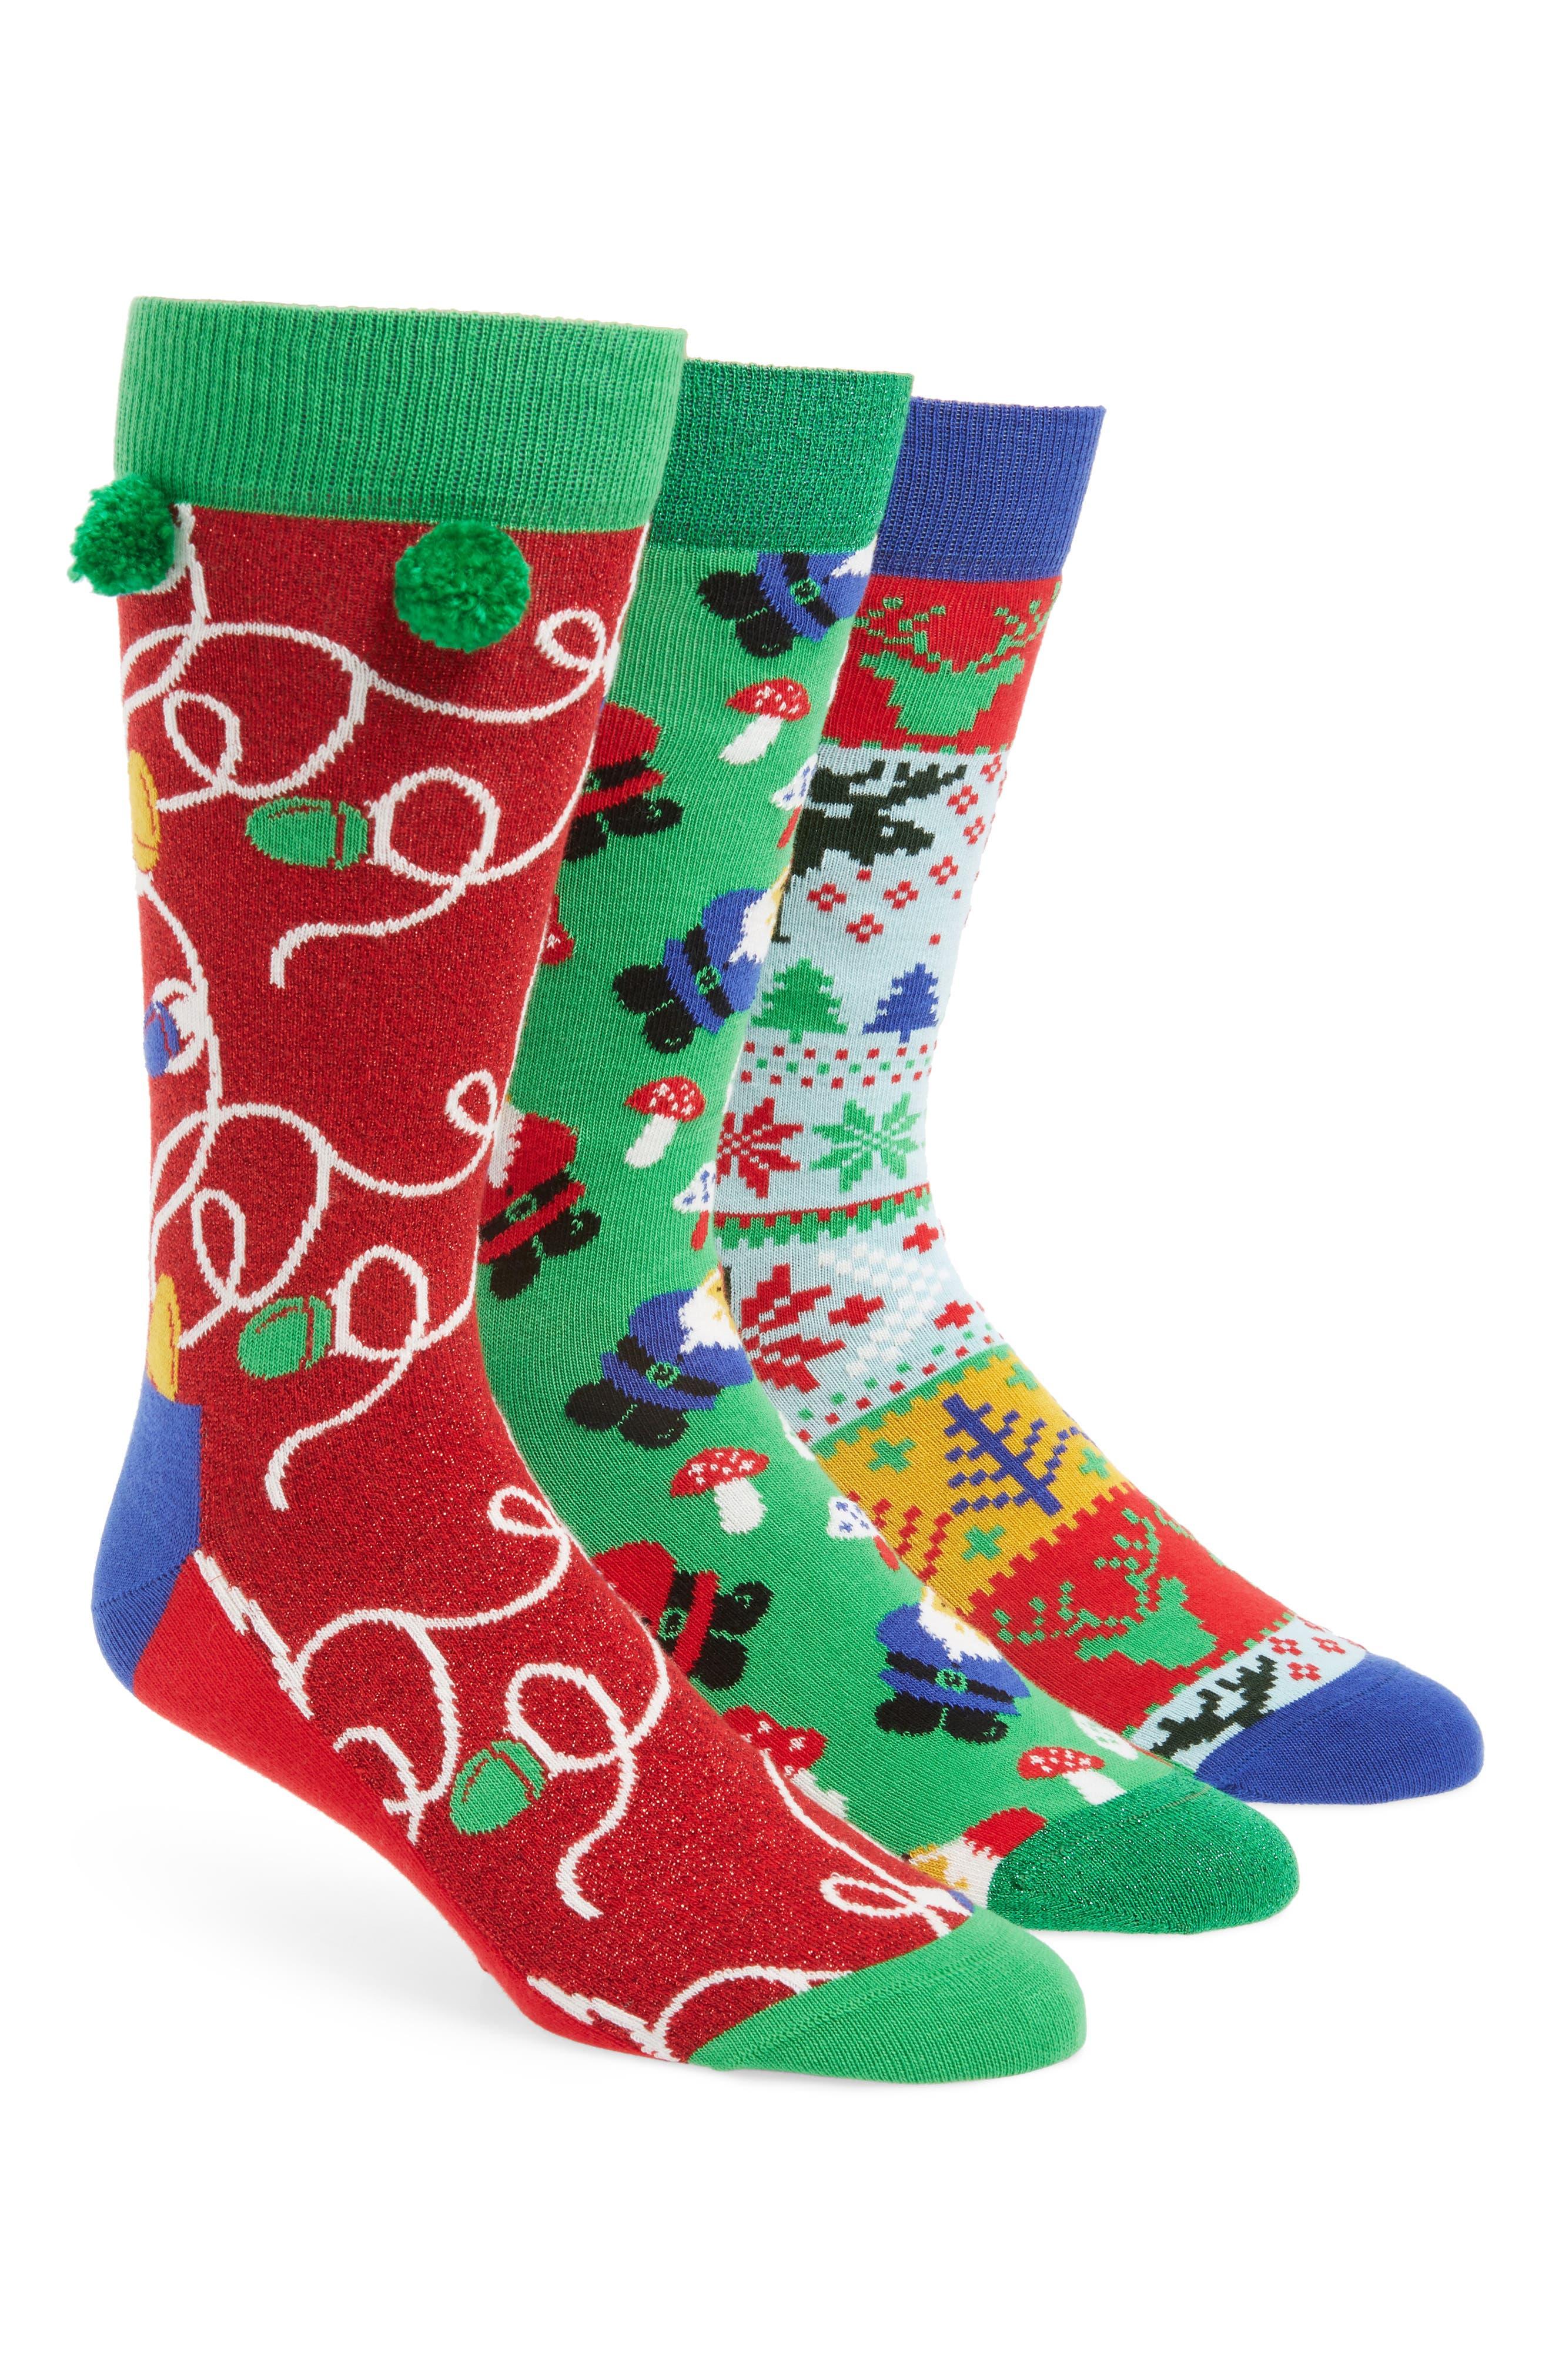 Holiday 3-Pack Socks Boxed Set,                             Main thumbnail 1, color,                             312